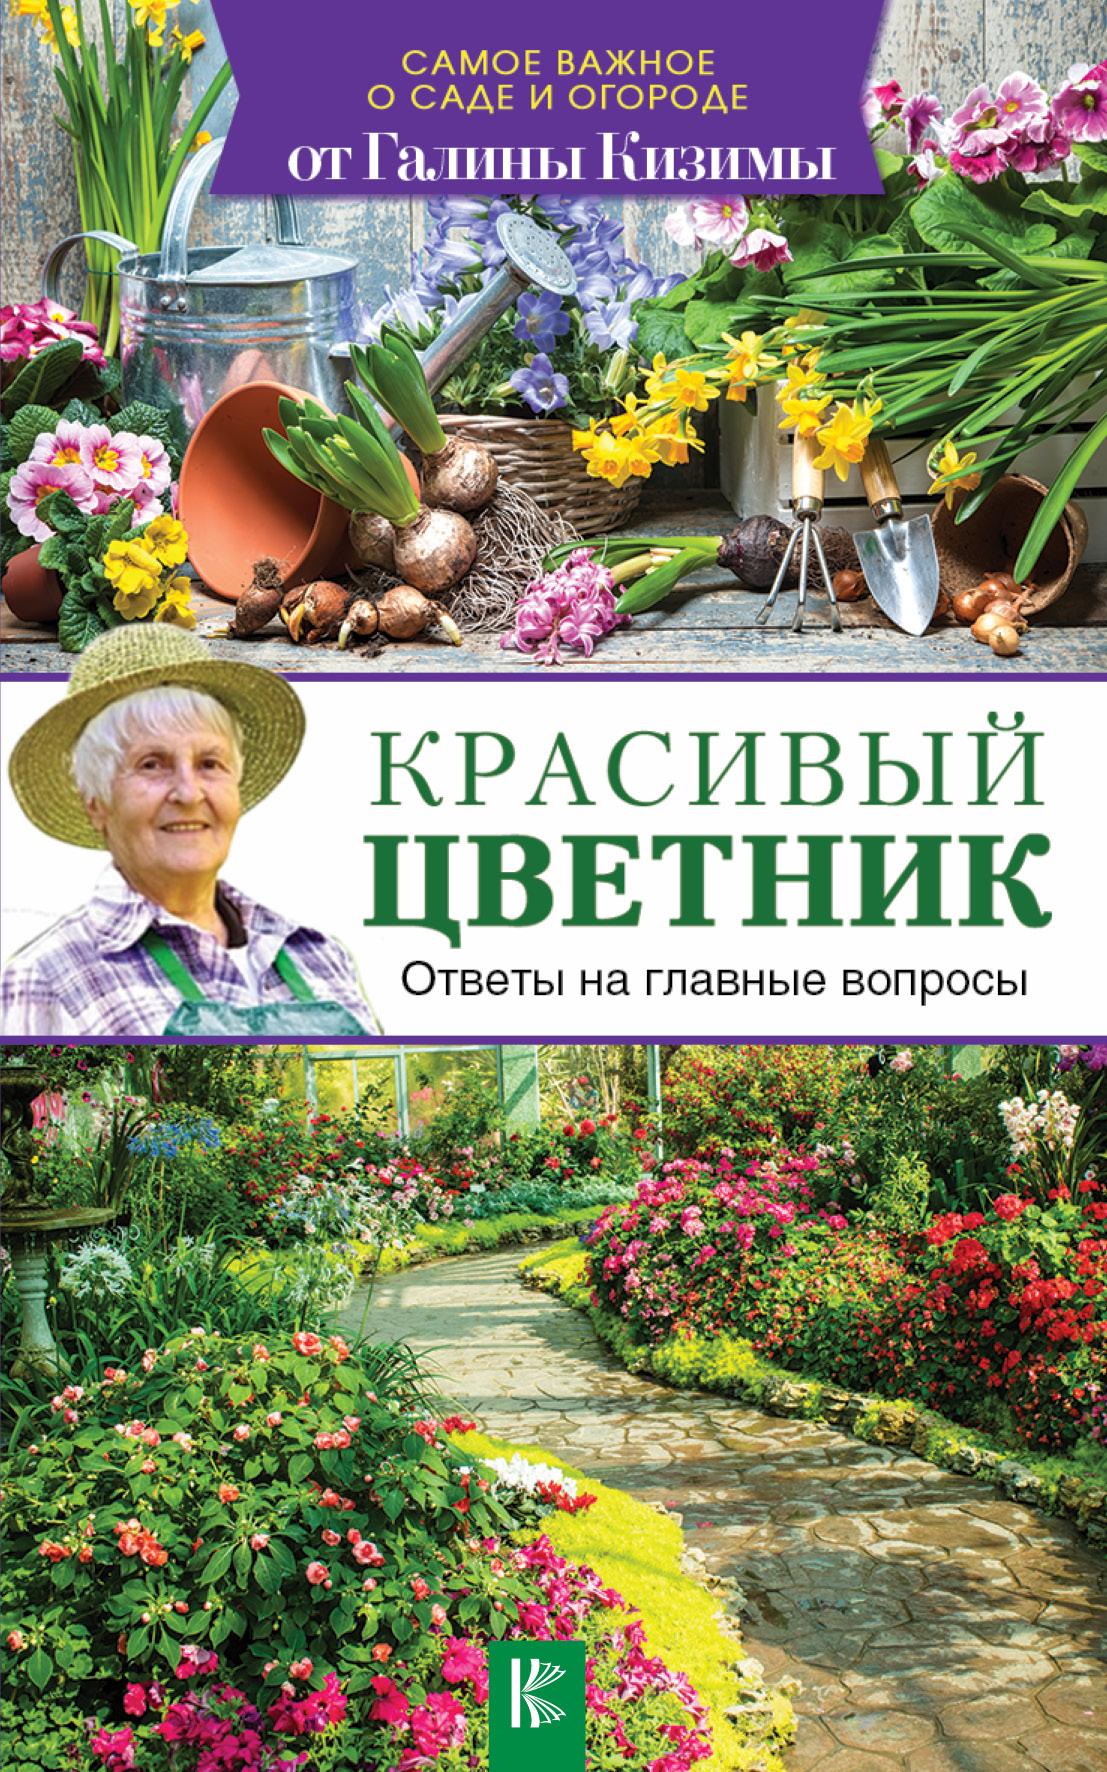 Красивый цветник. Ответы на главные вопросы ( Кизима Г.А.  )